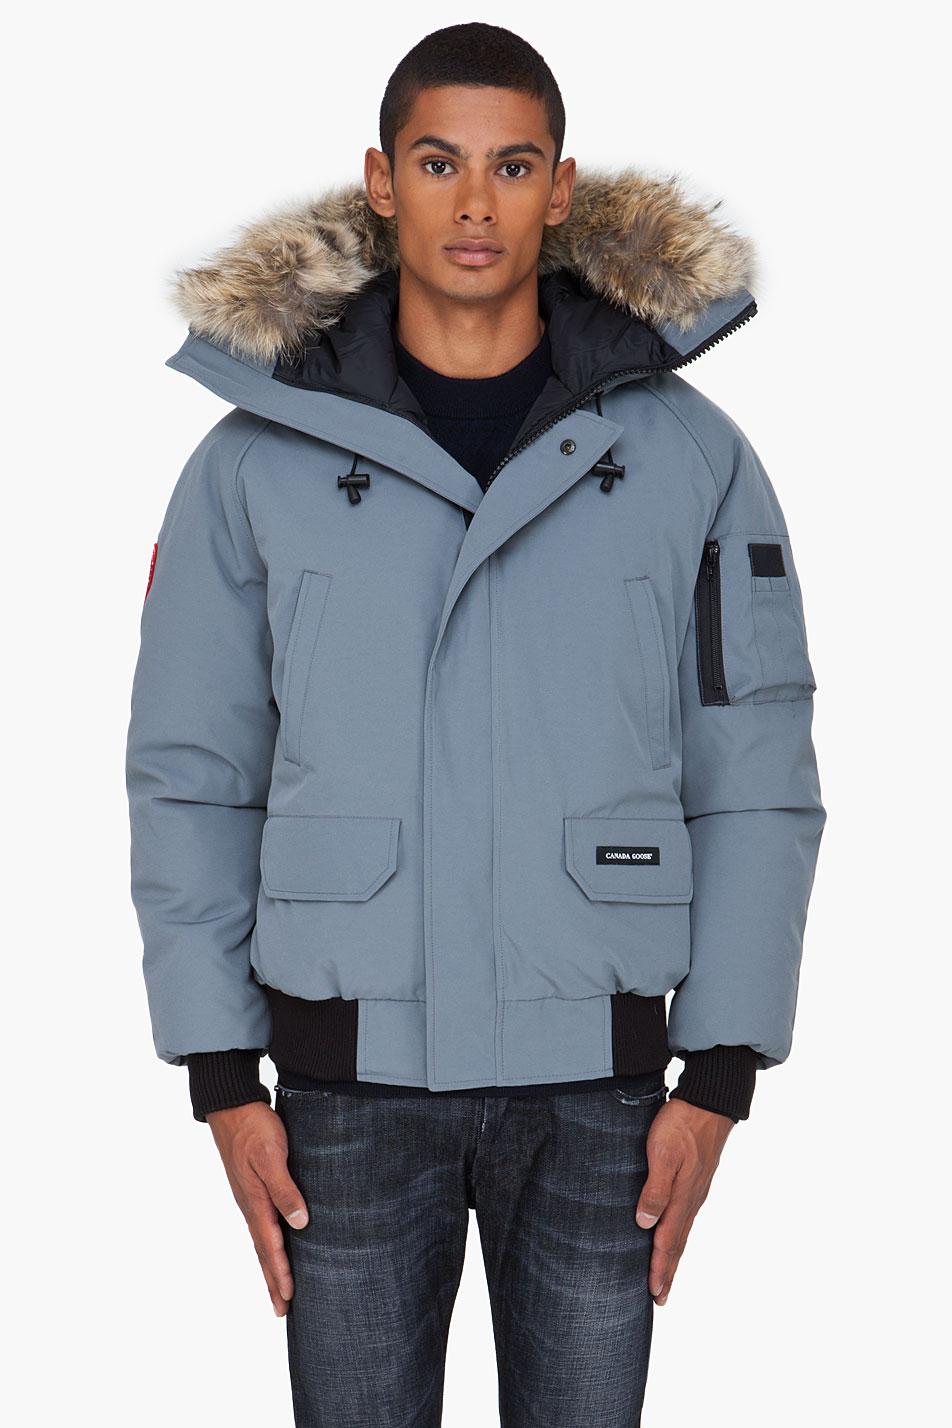 88b5216f2f3 hot canada goose mens chilliwack bomber jacket c7d6e c0dca